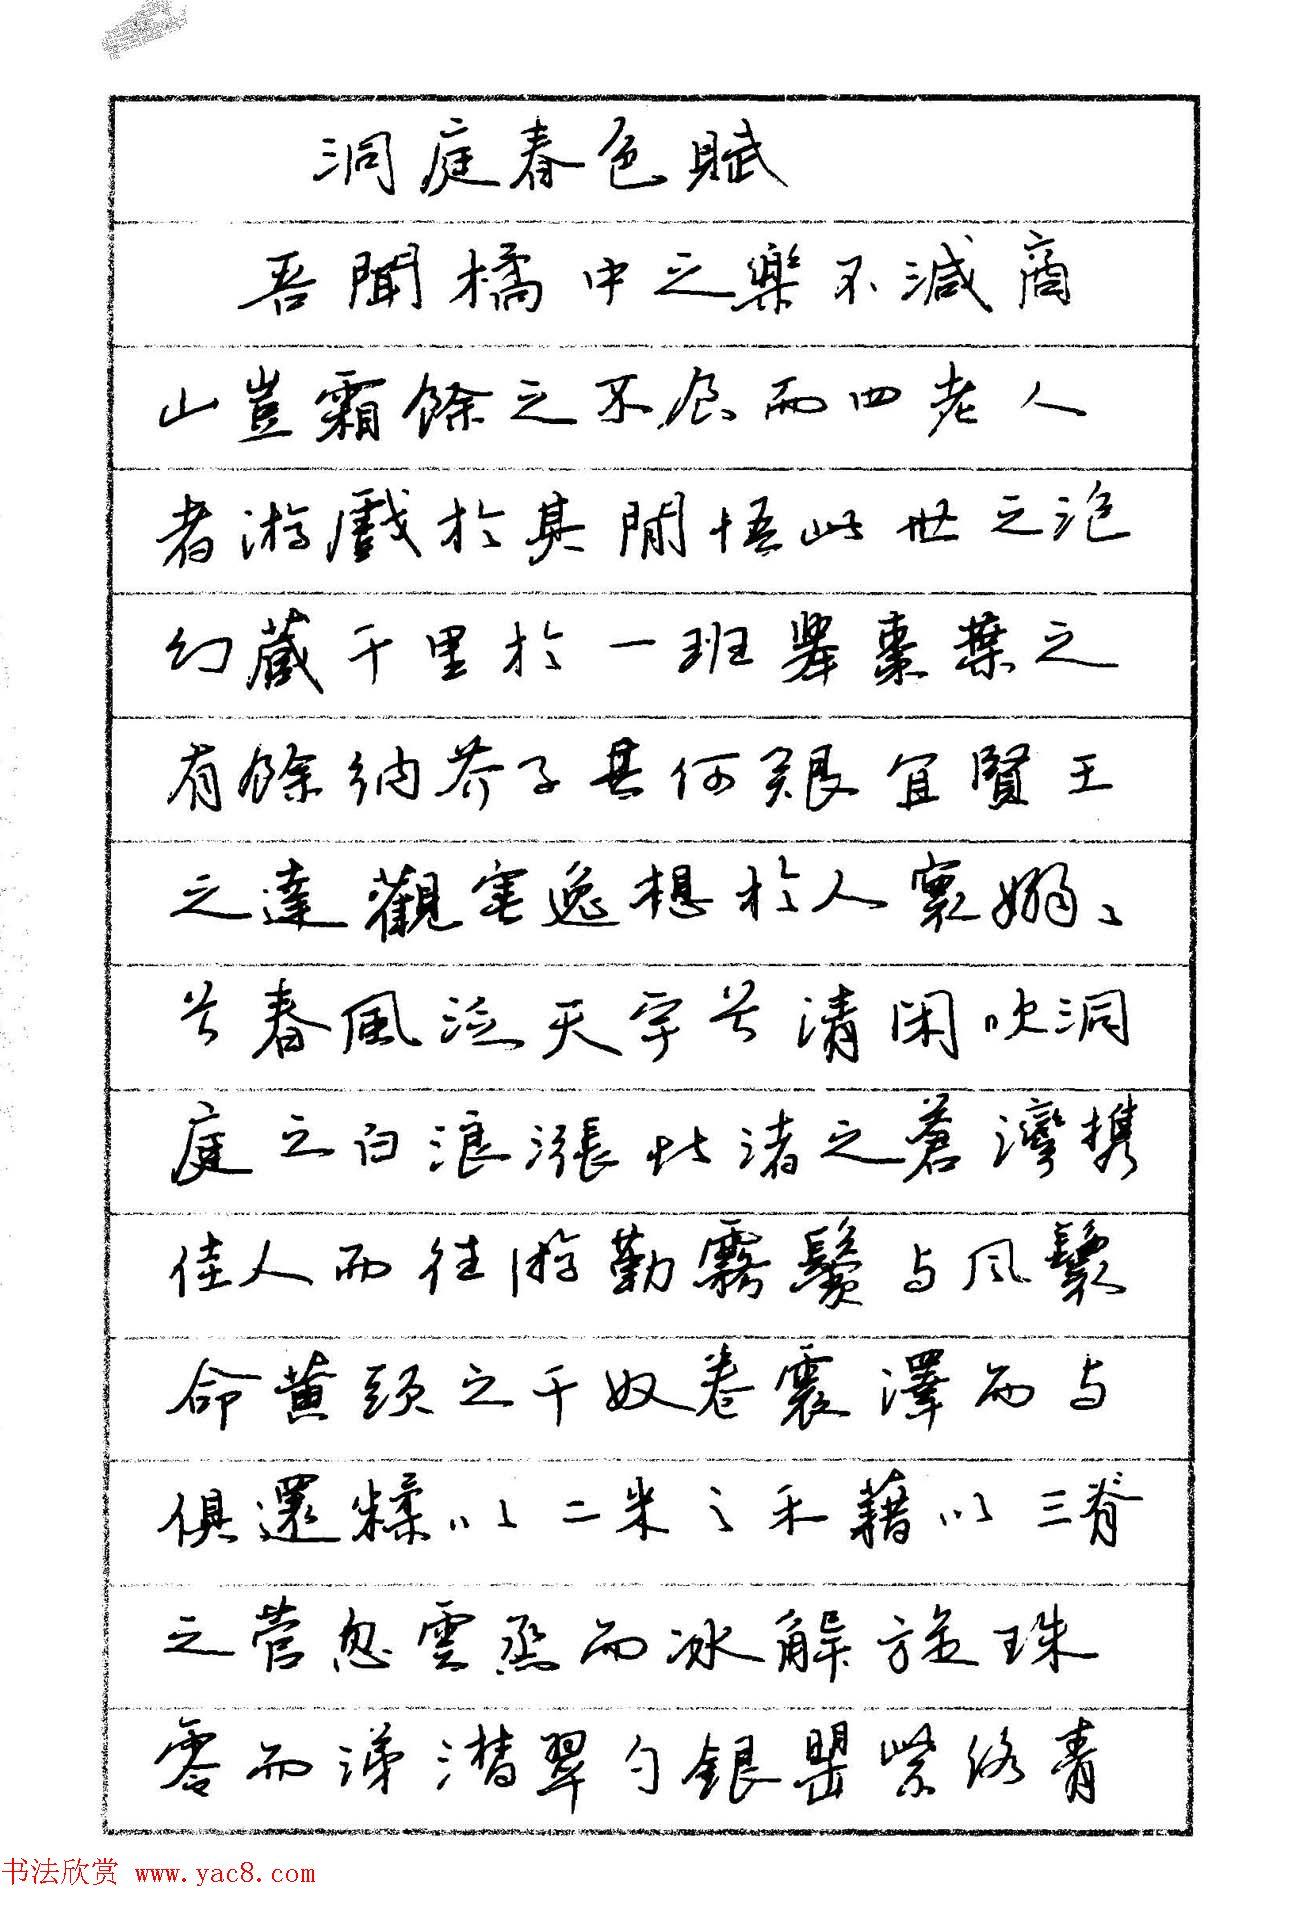 钢笔书法名家宝典 钢笔行书精品集 第27页 硬笔书法 书法欣赏图片